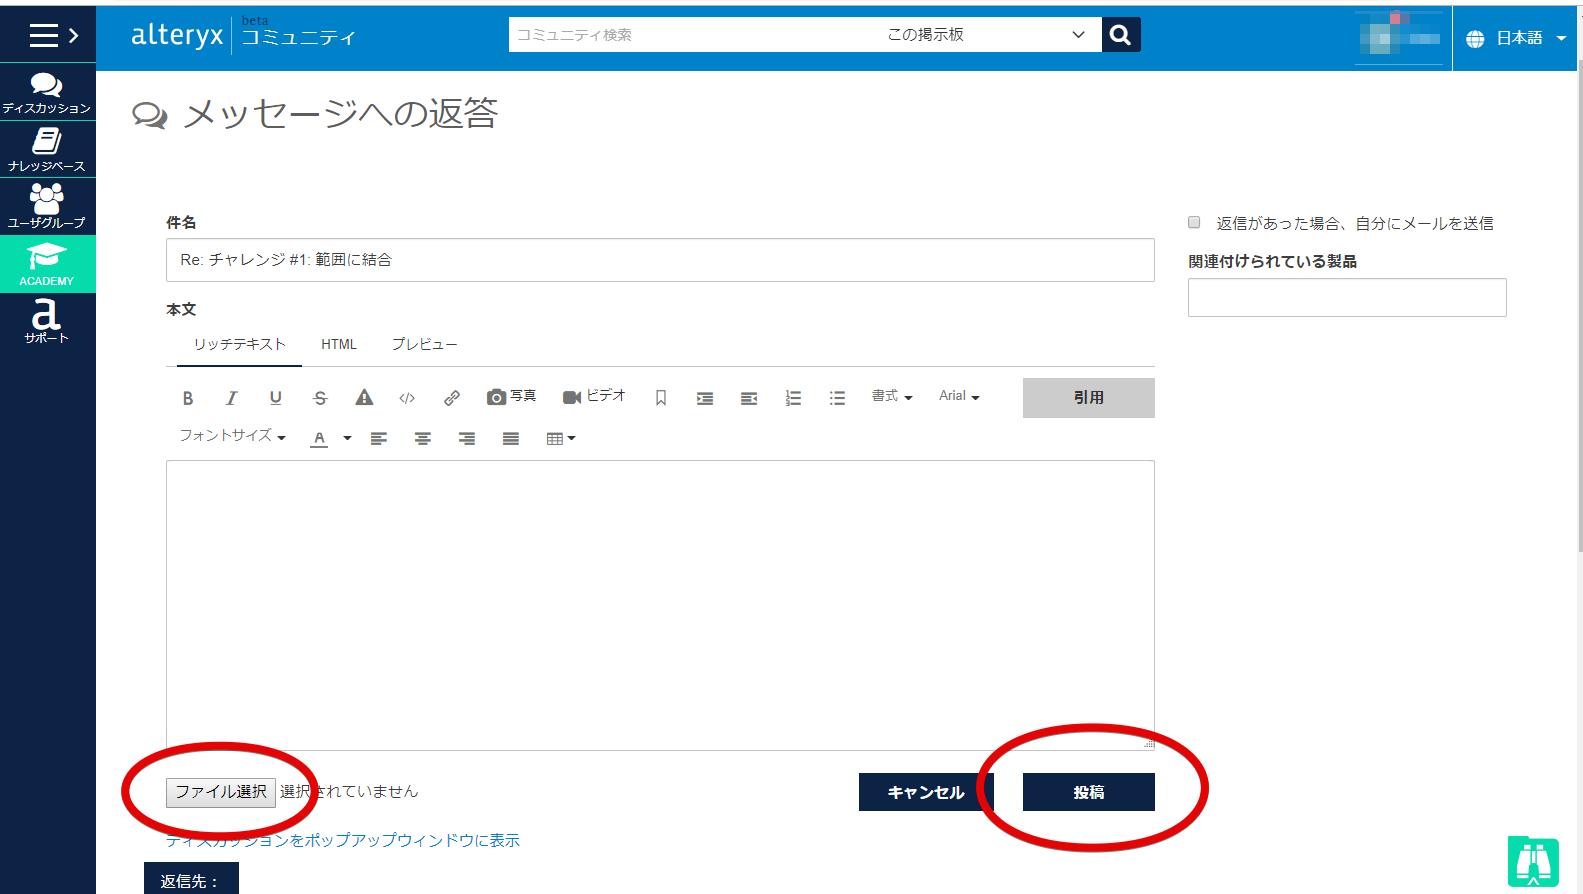 ファイルの添付と投稿